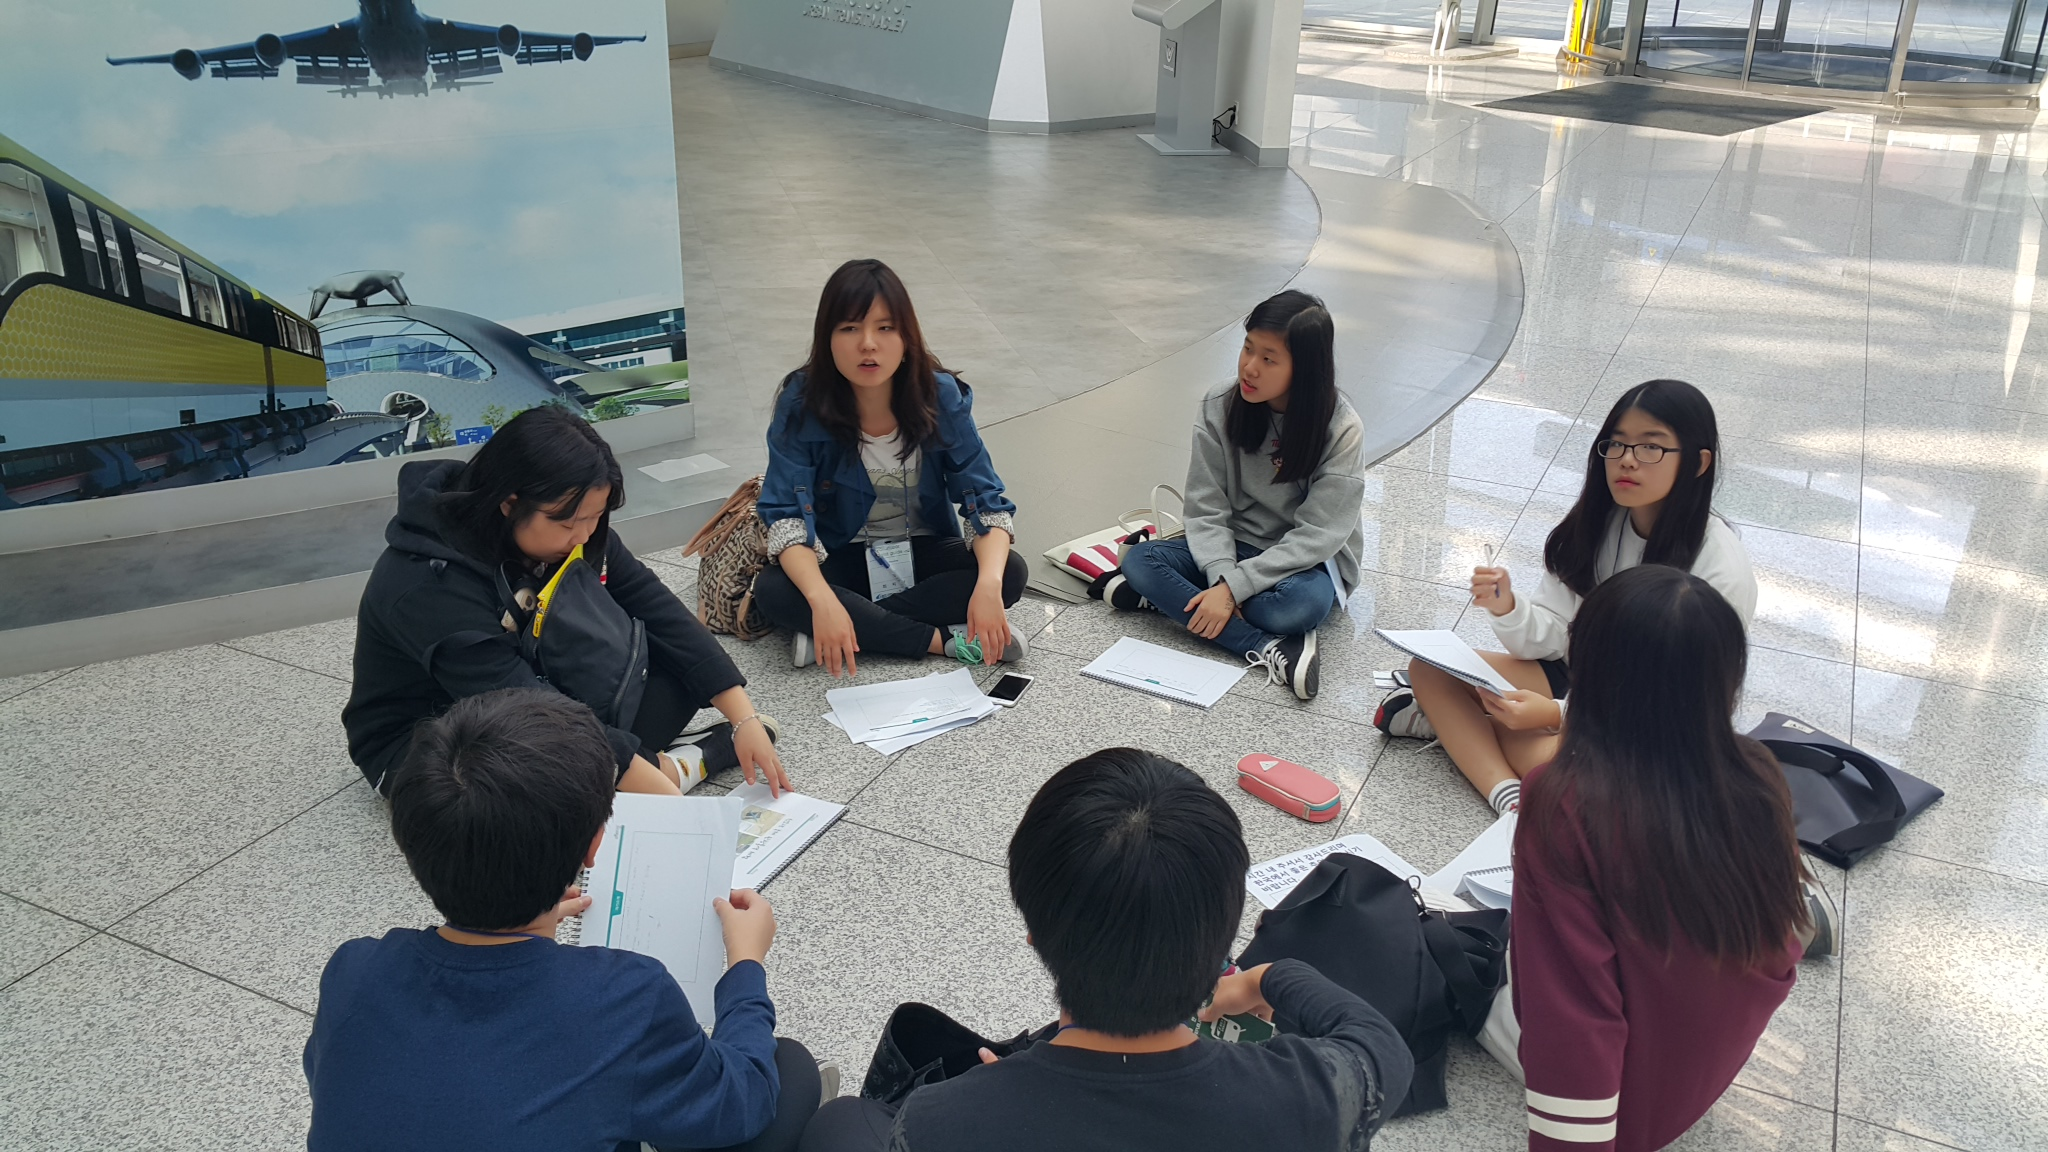 관광통역 현장실습을 체험중인 실습생 여섯명이 원형으로 앉아서 이야기를 나누고 있는 모습입니다.